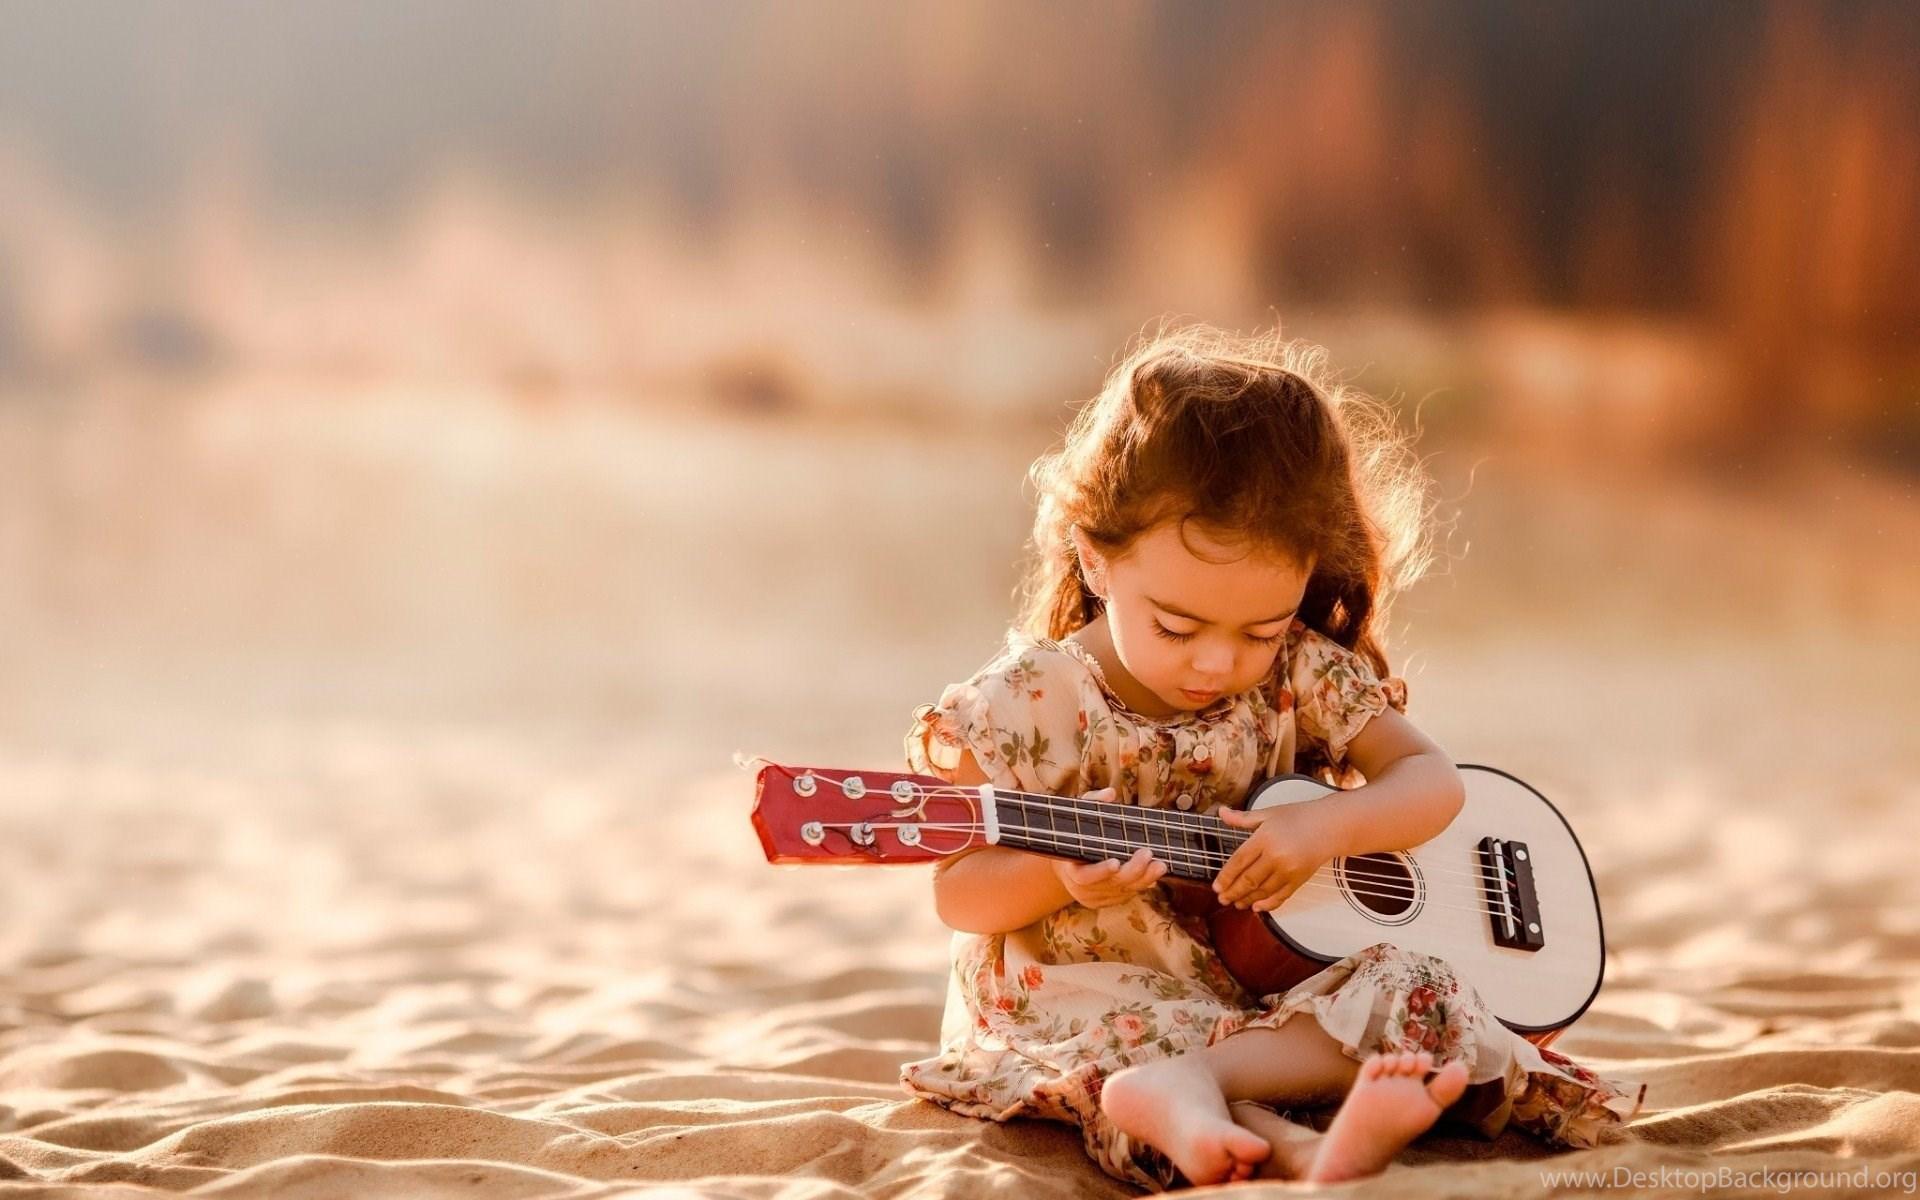 Cute little girl playing guitar wallpaper little girl hd - Cute little girl pic hd ...